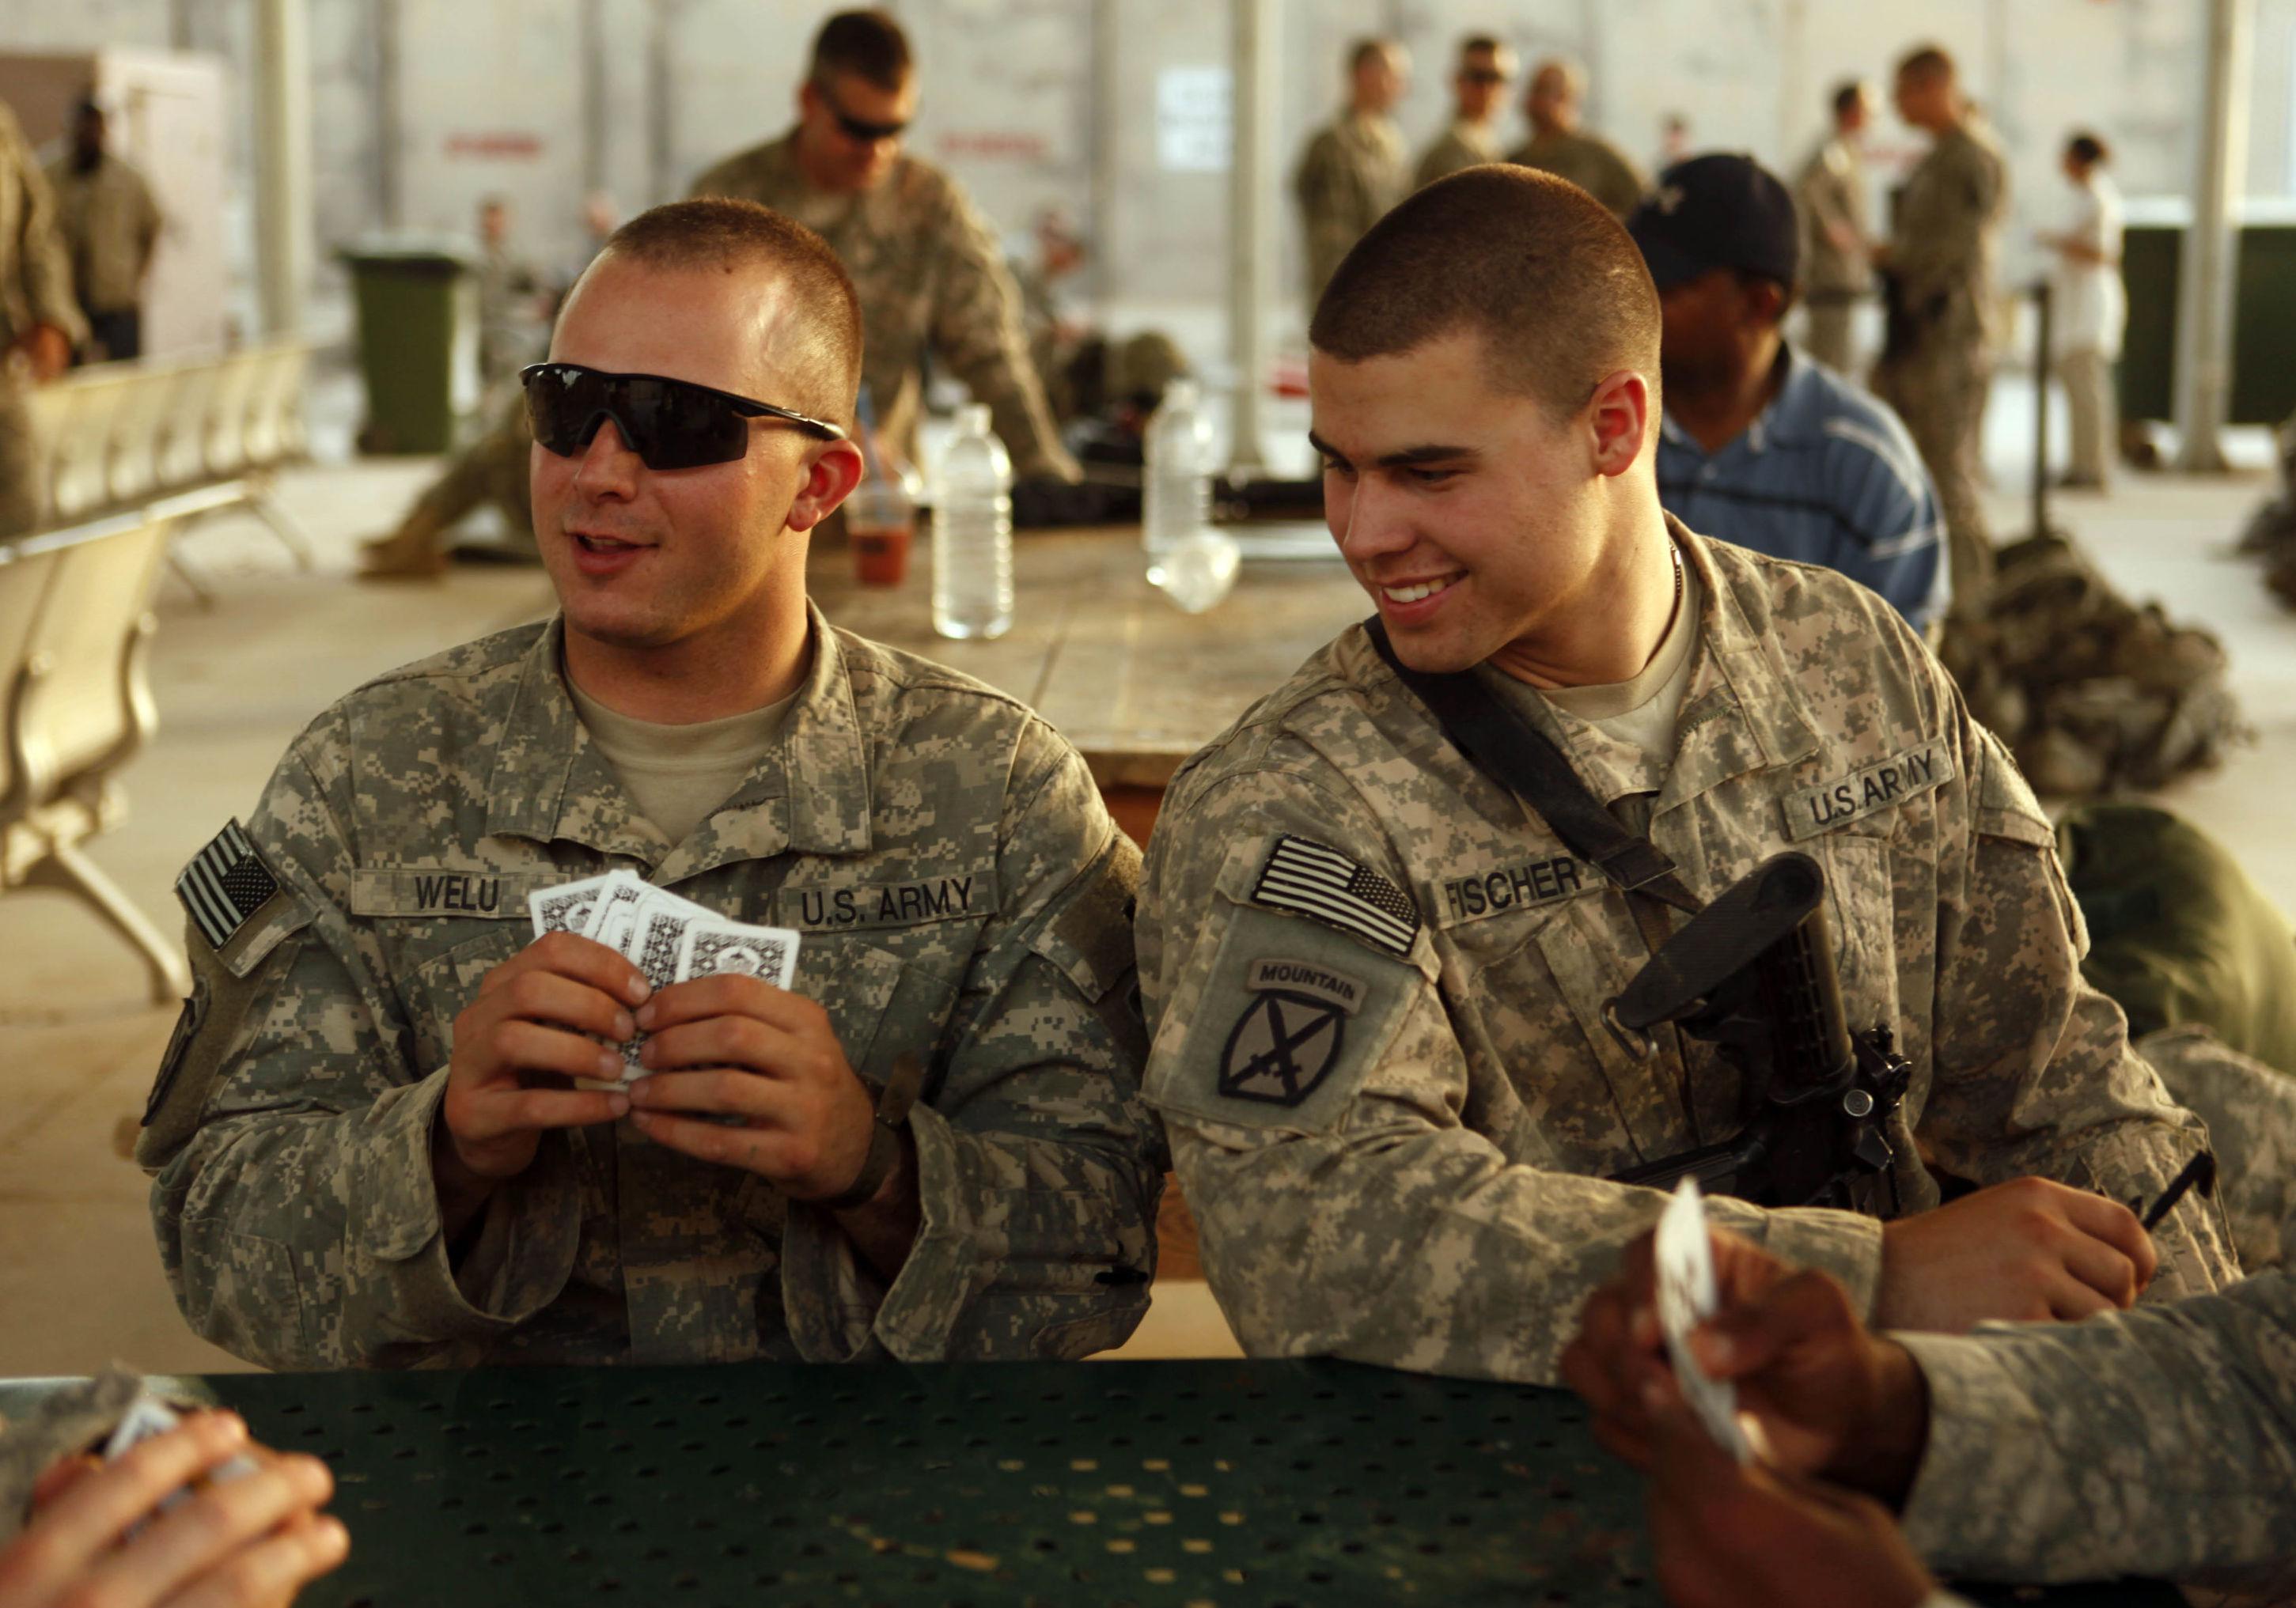 Soldados dos EUA jogam cartas em Bagdad, no Iraque, em Bagdá, em 2010